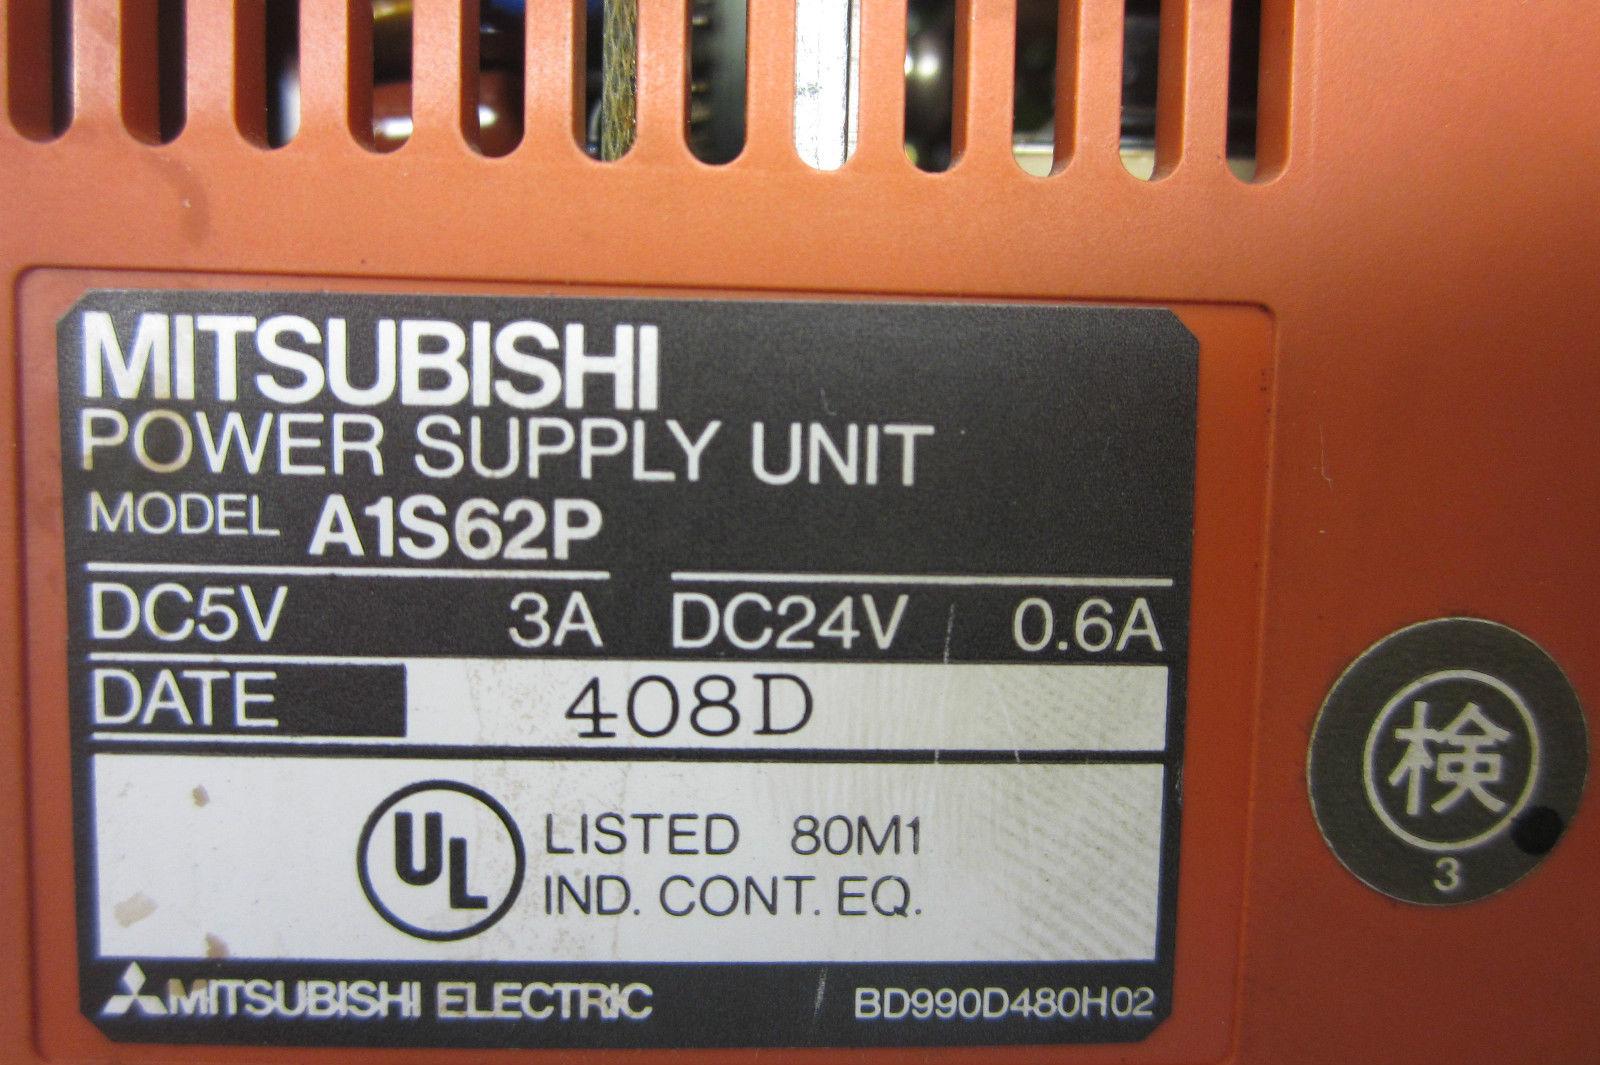 Mitsubishi a1s62p